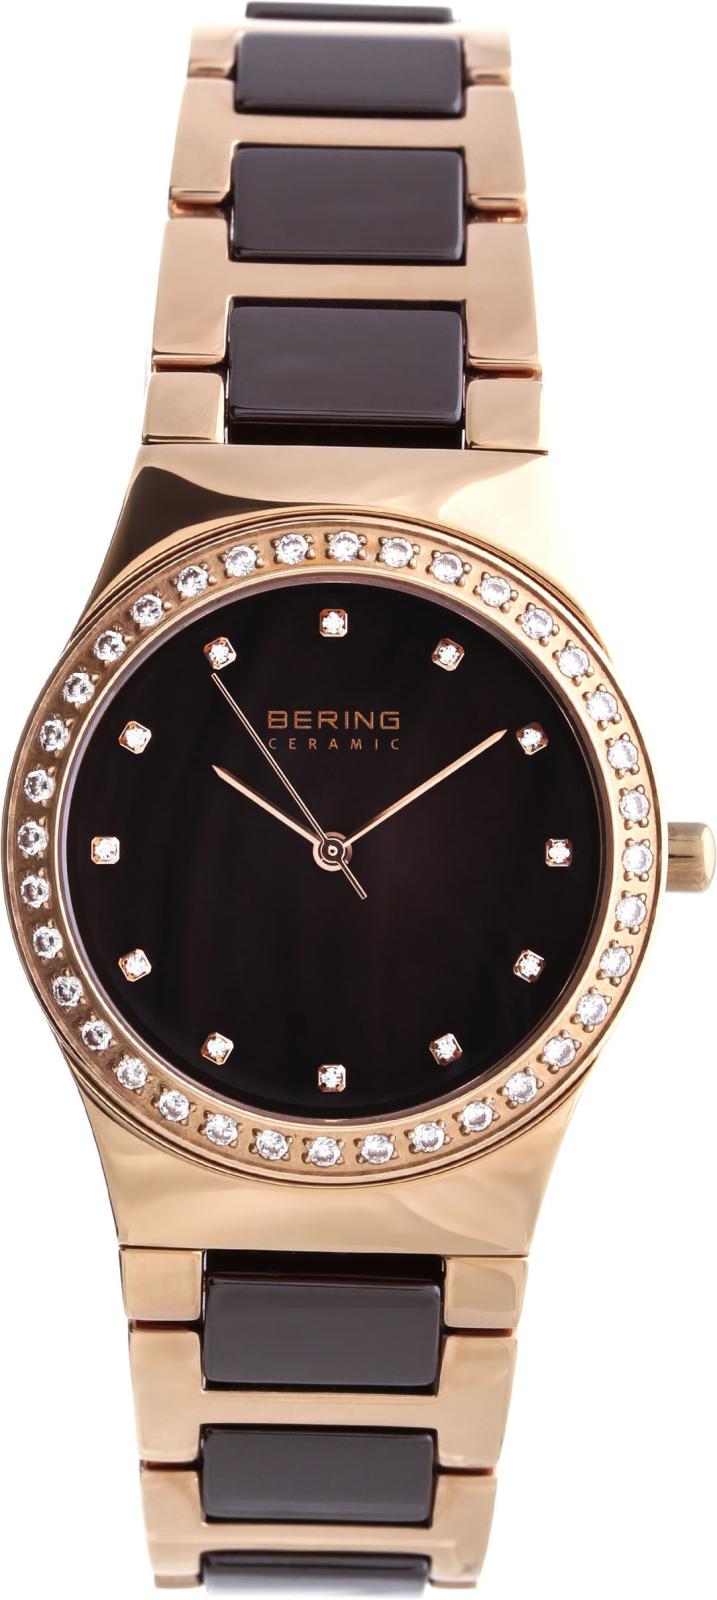 Bering Ceramic 32435-765 от Bering